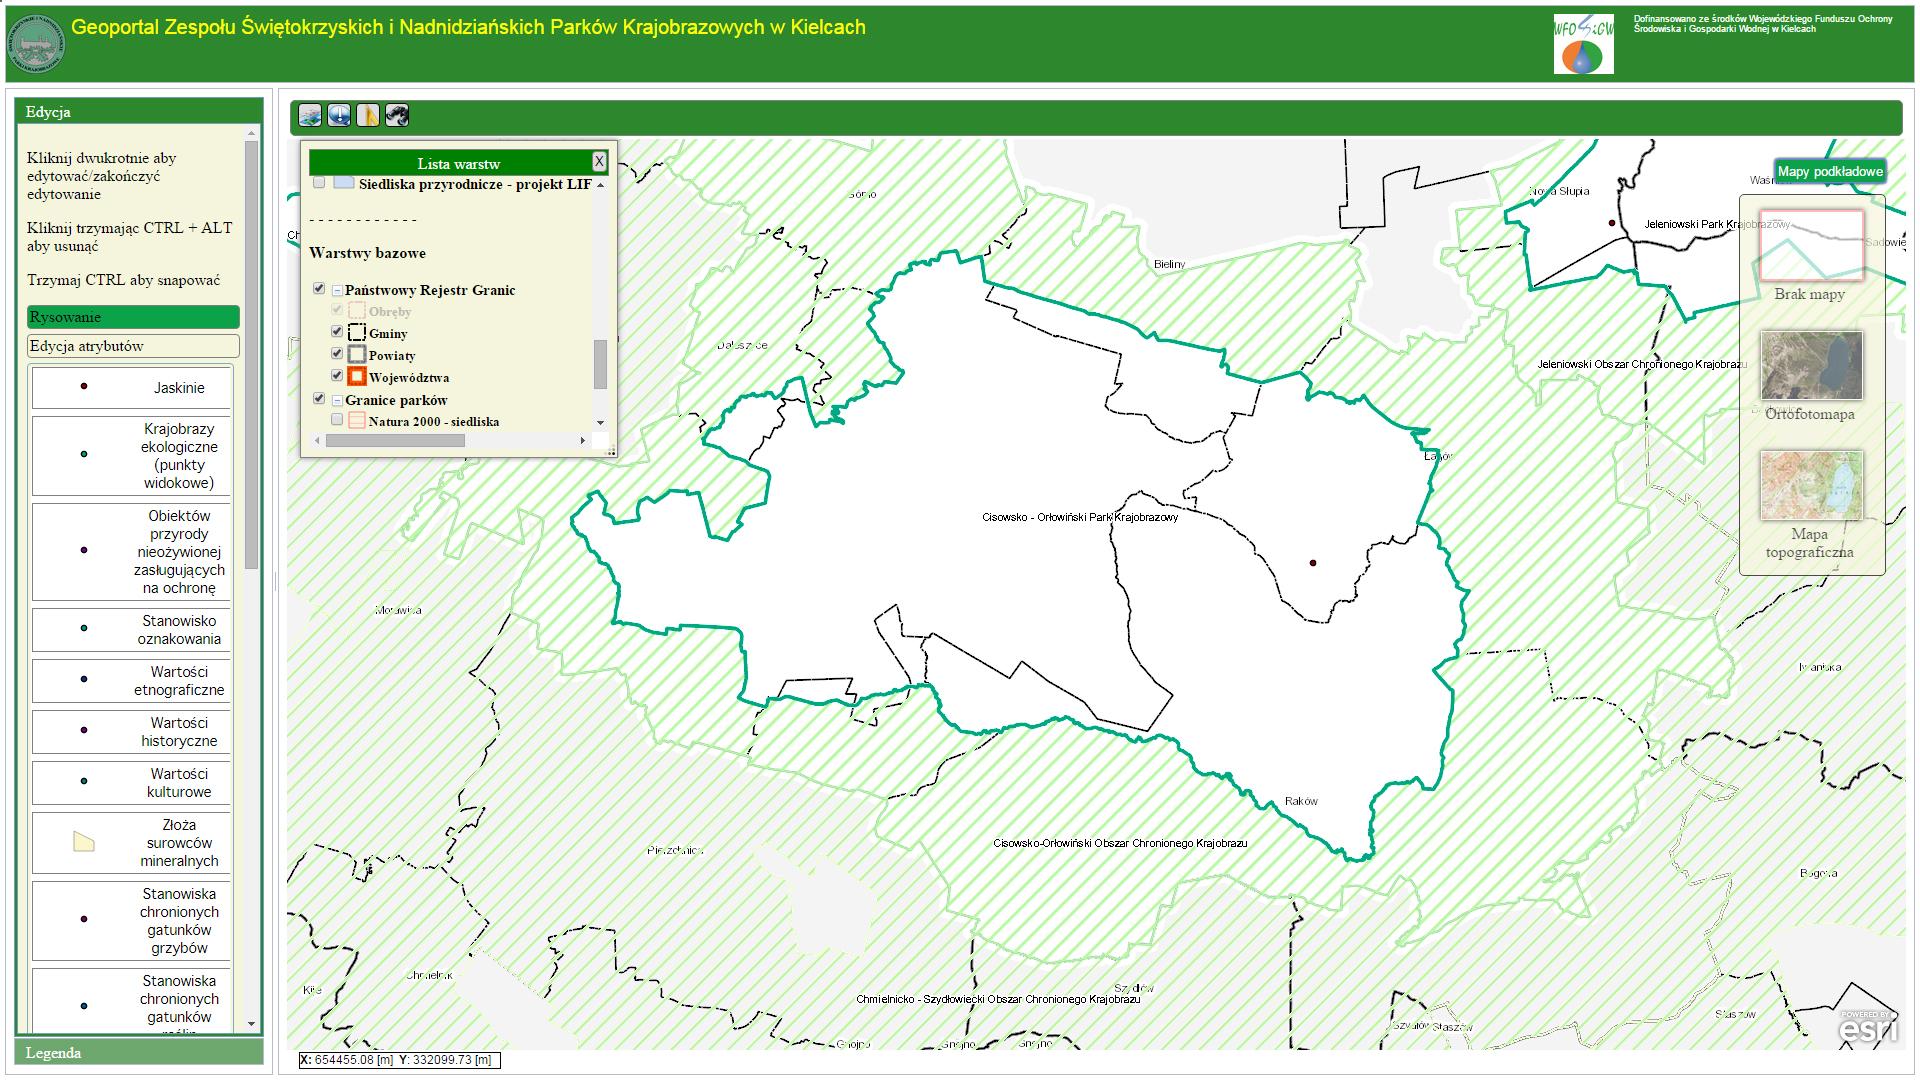 Rys. 1. Geoportal edycyjny - widok podstawowy.